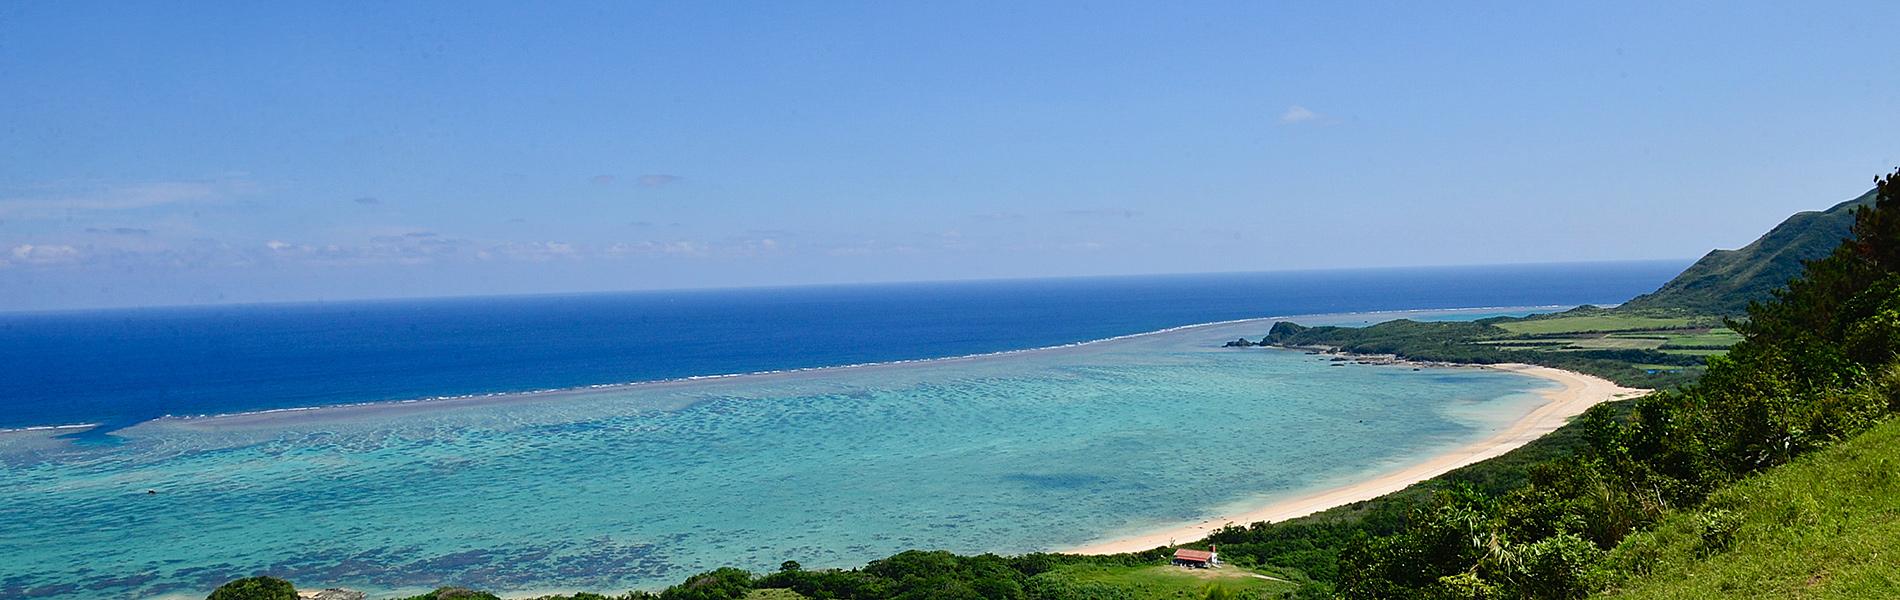 島 観光 石垣